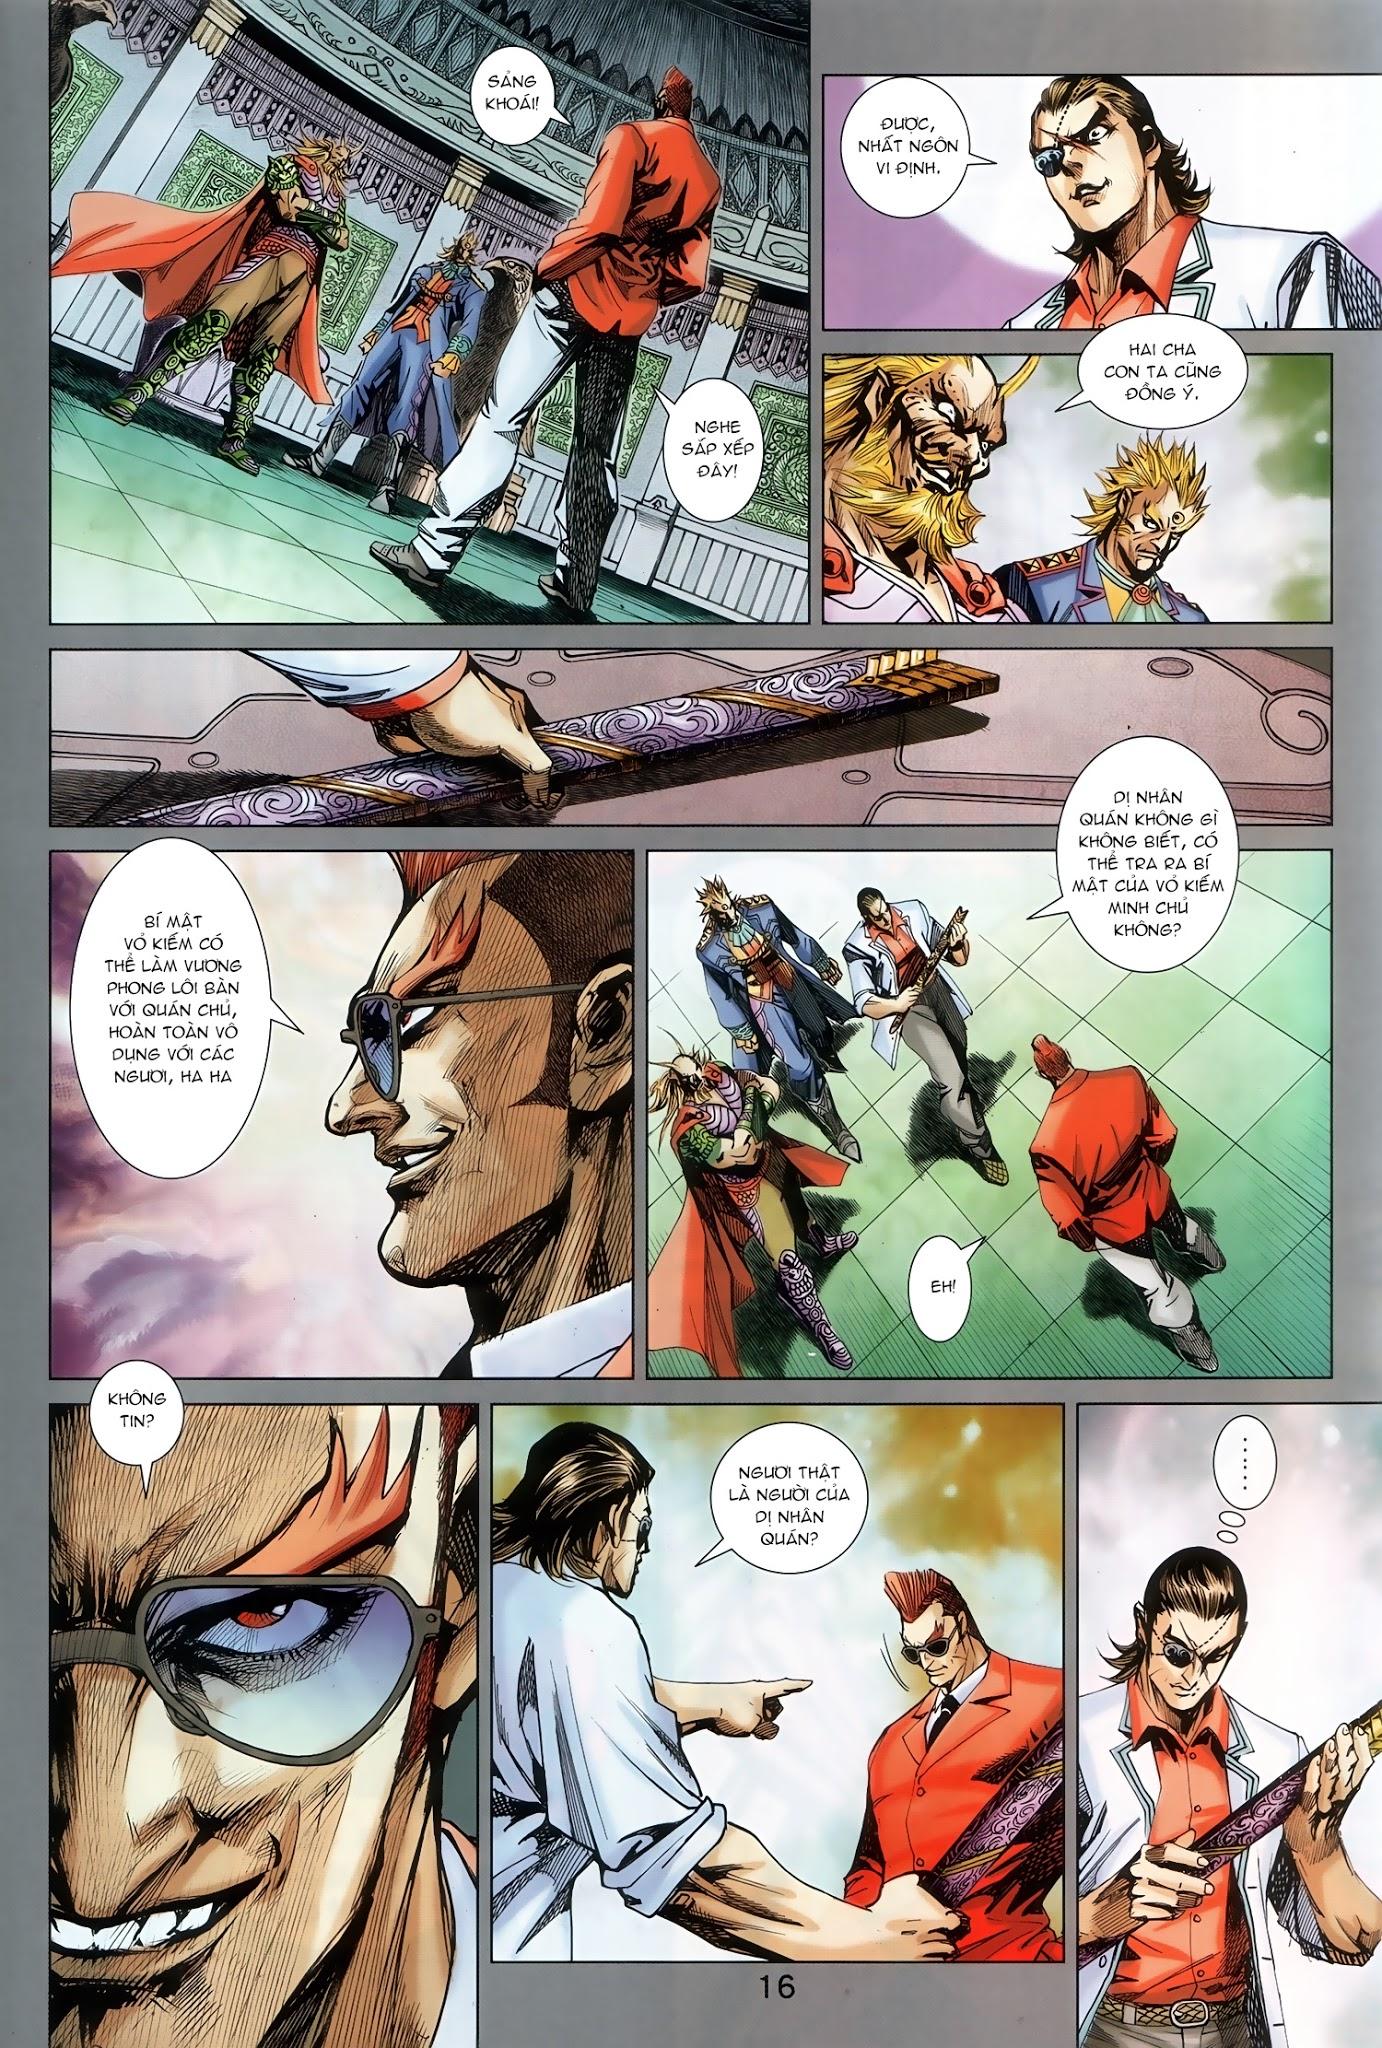 Tân Tác Long Hổ Môn chap 890.1 - Trang 16